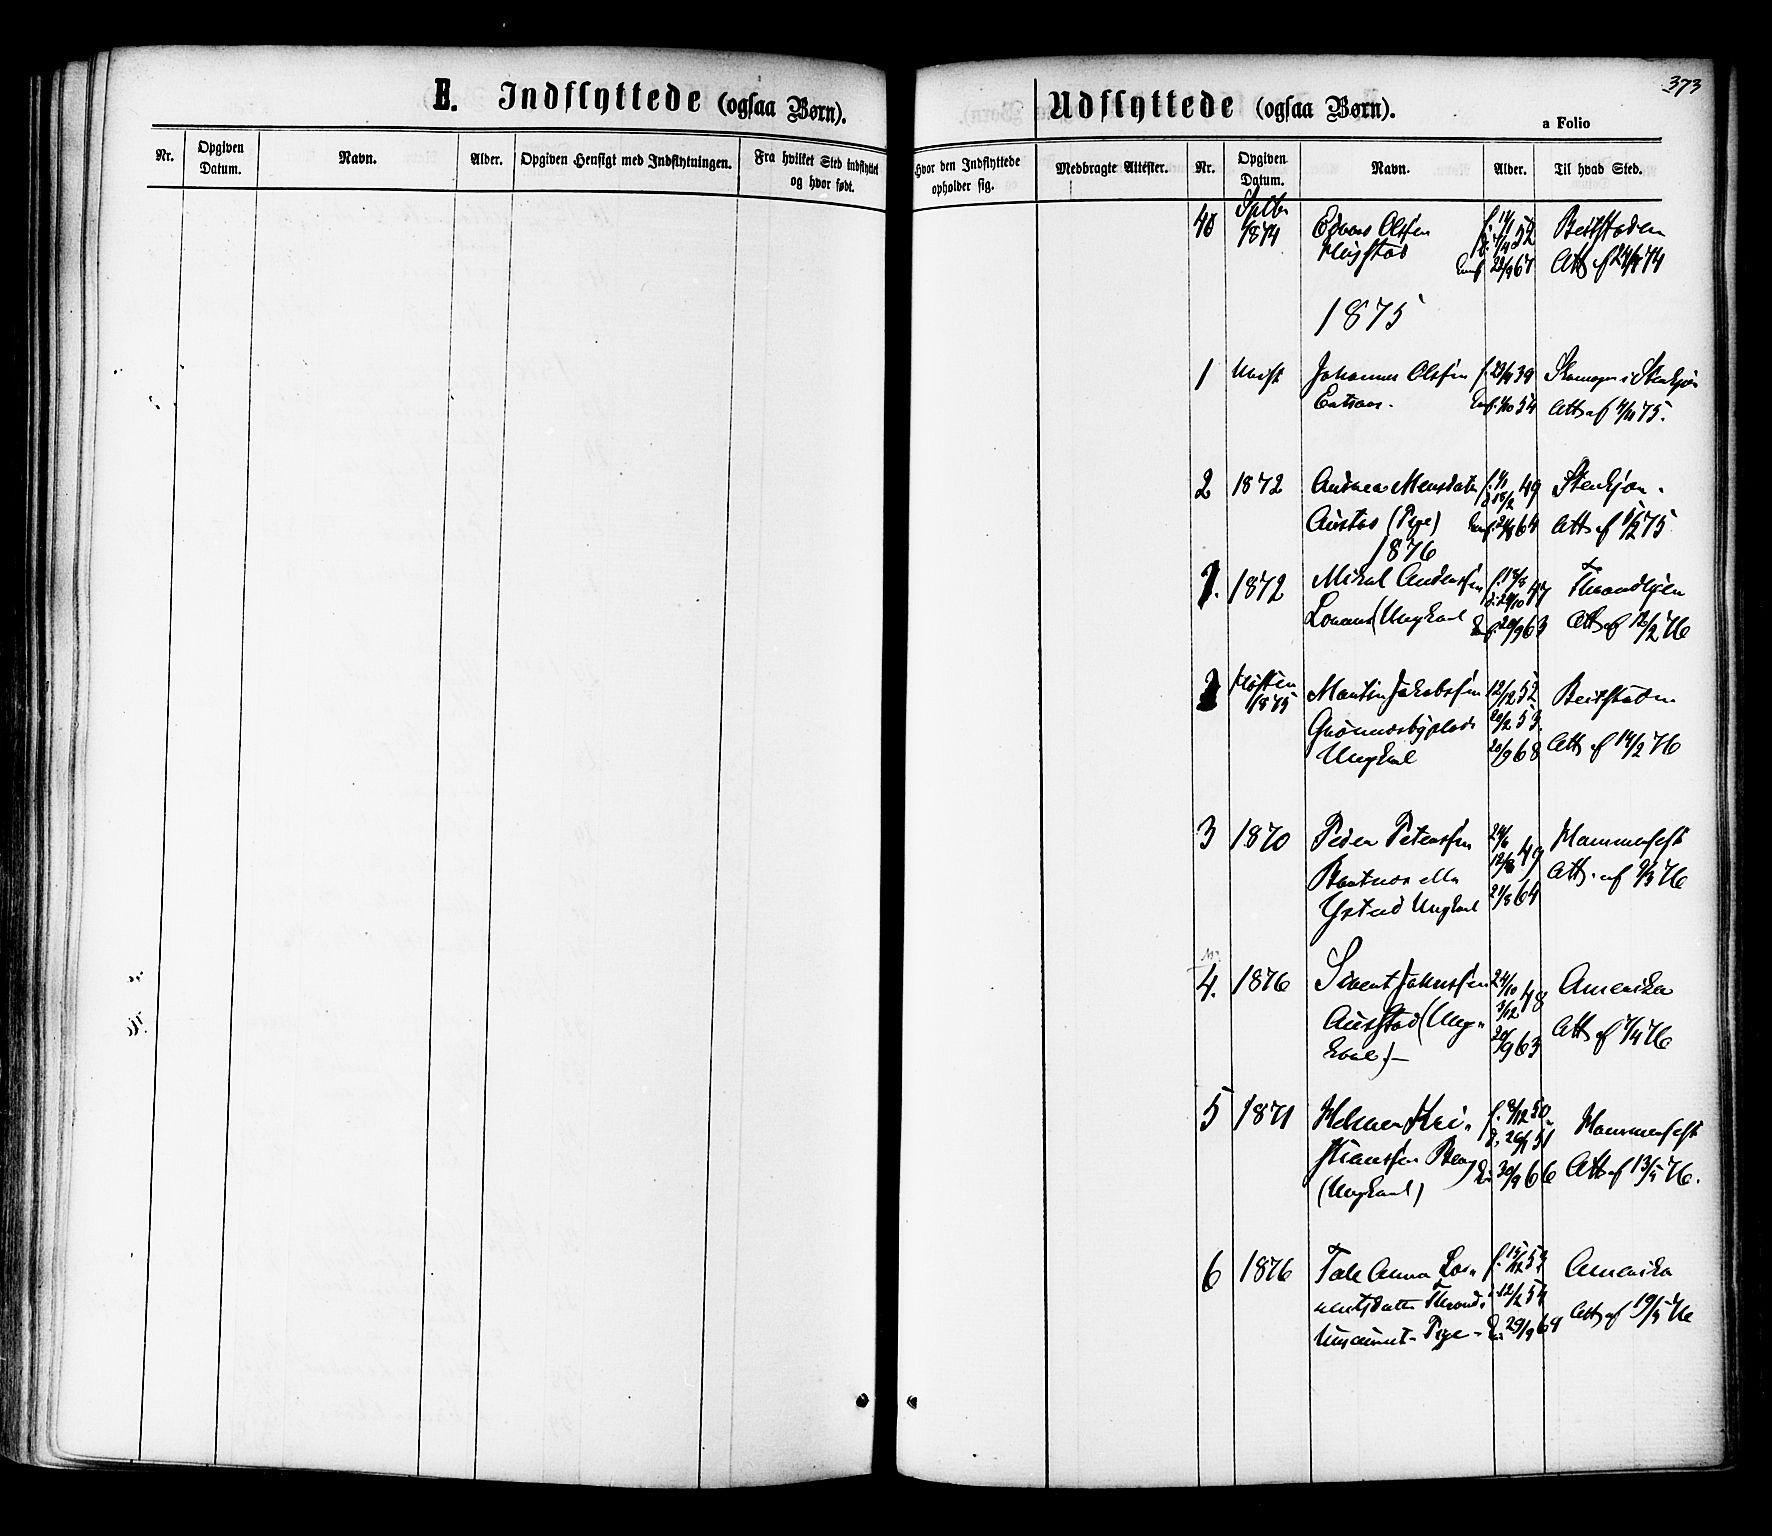 SAT, Ministerialprotokoller, klokkerbøker og fødselsregistre - Nord-Trøndelag, 730/L0284: Ministerialbok nr. 730A09, 1866-1878, s. 373